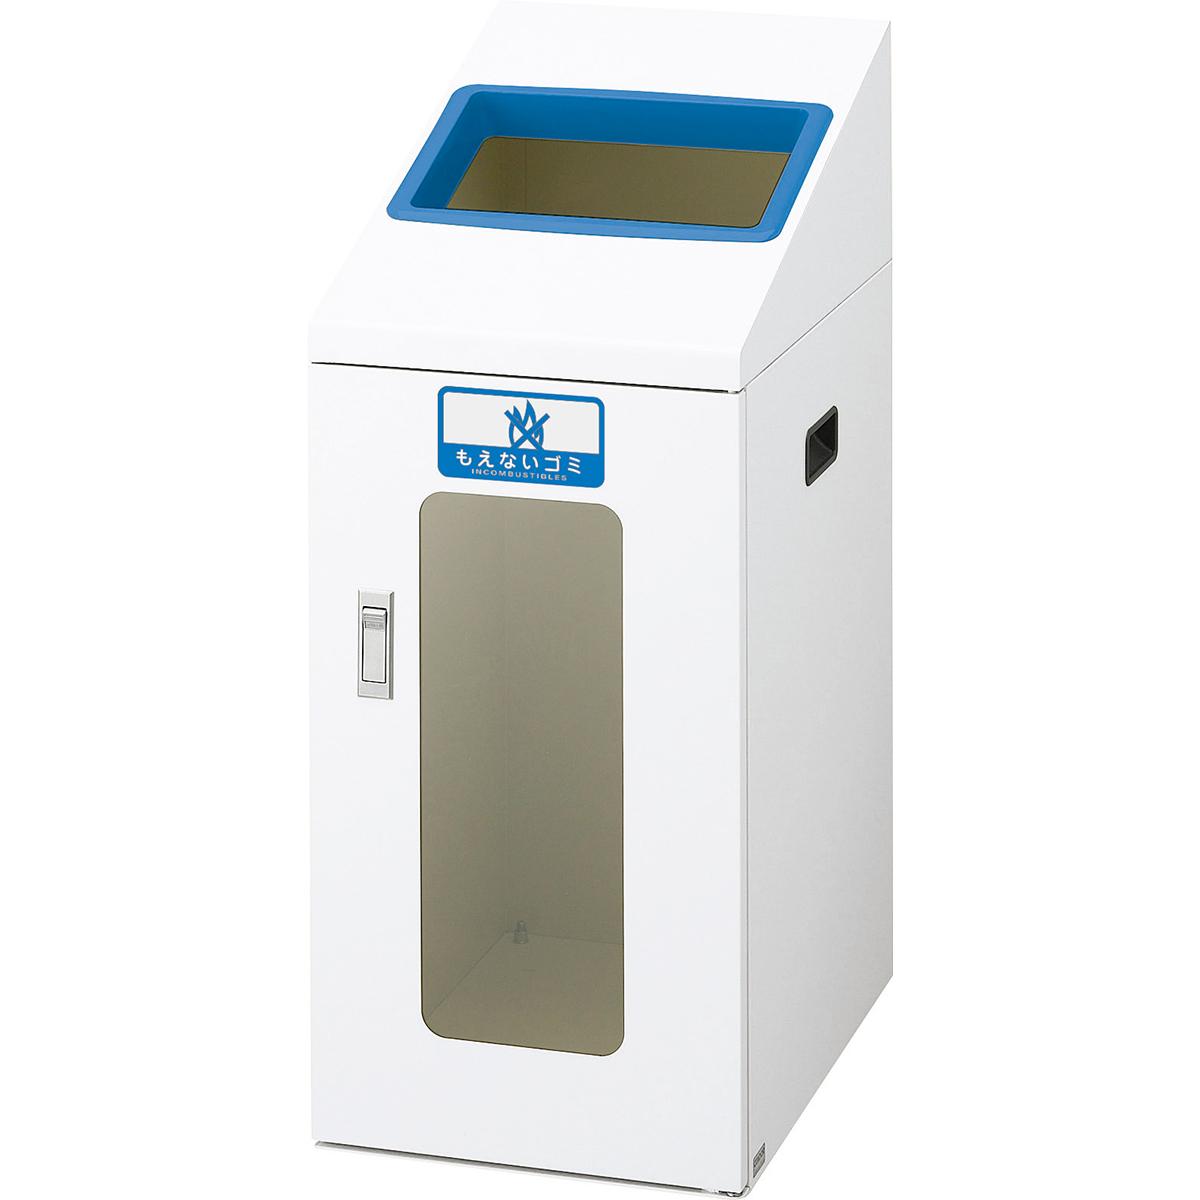 山崎産業 リサイクルボックス TIS-50 70L もえないゴミ/BL(青) (代引不可) YW-357L-ID